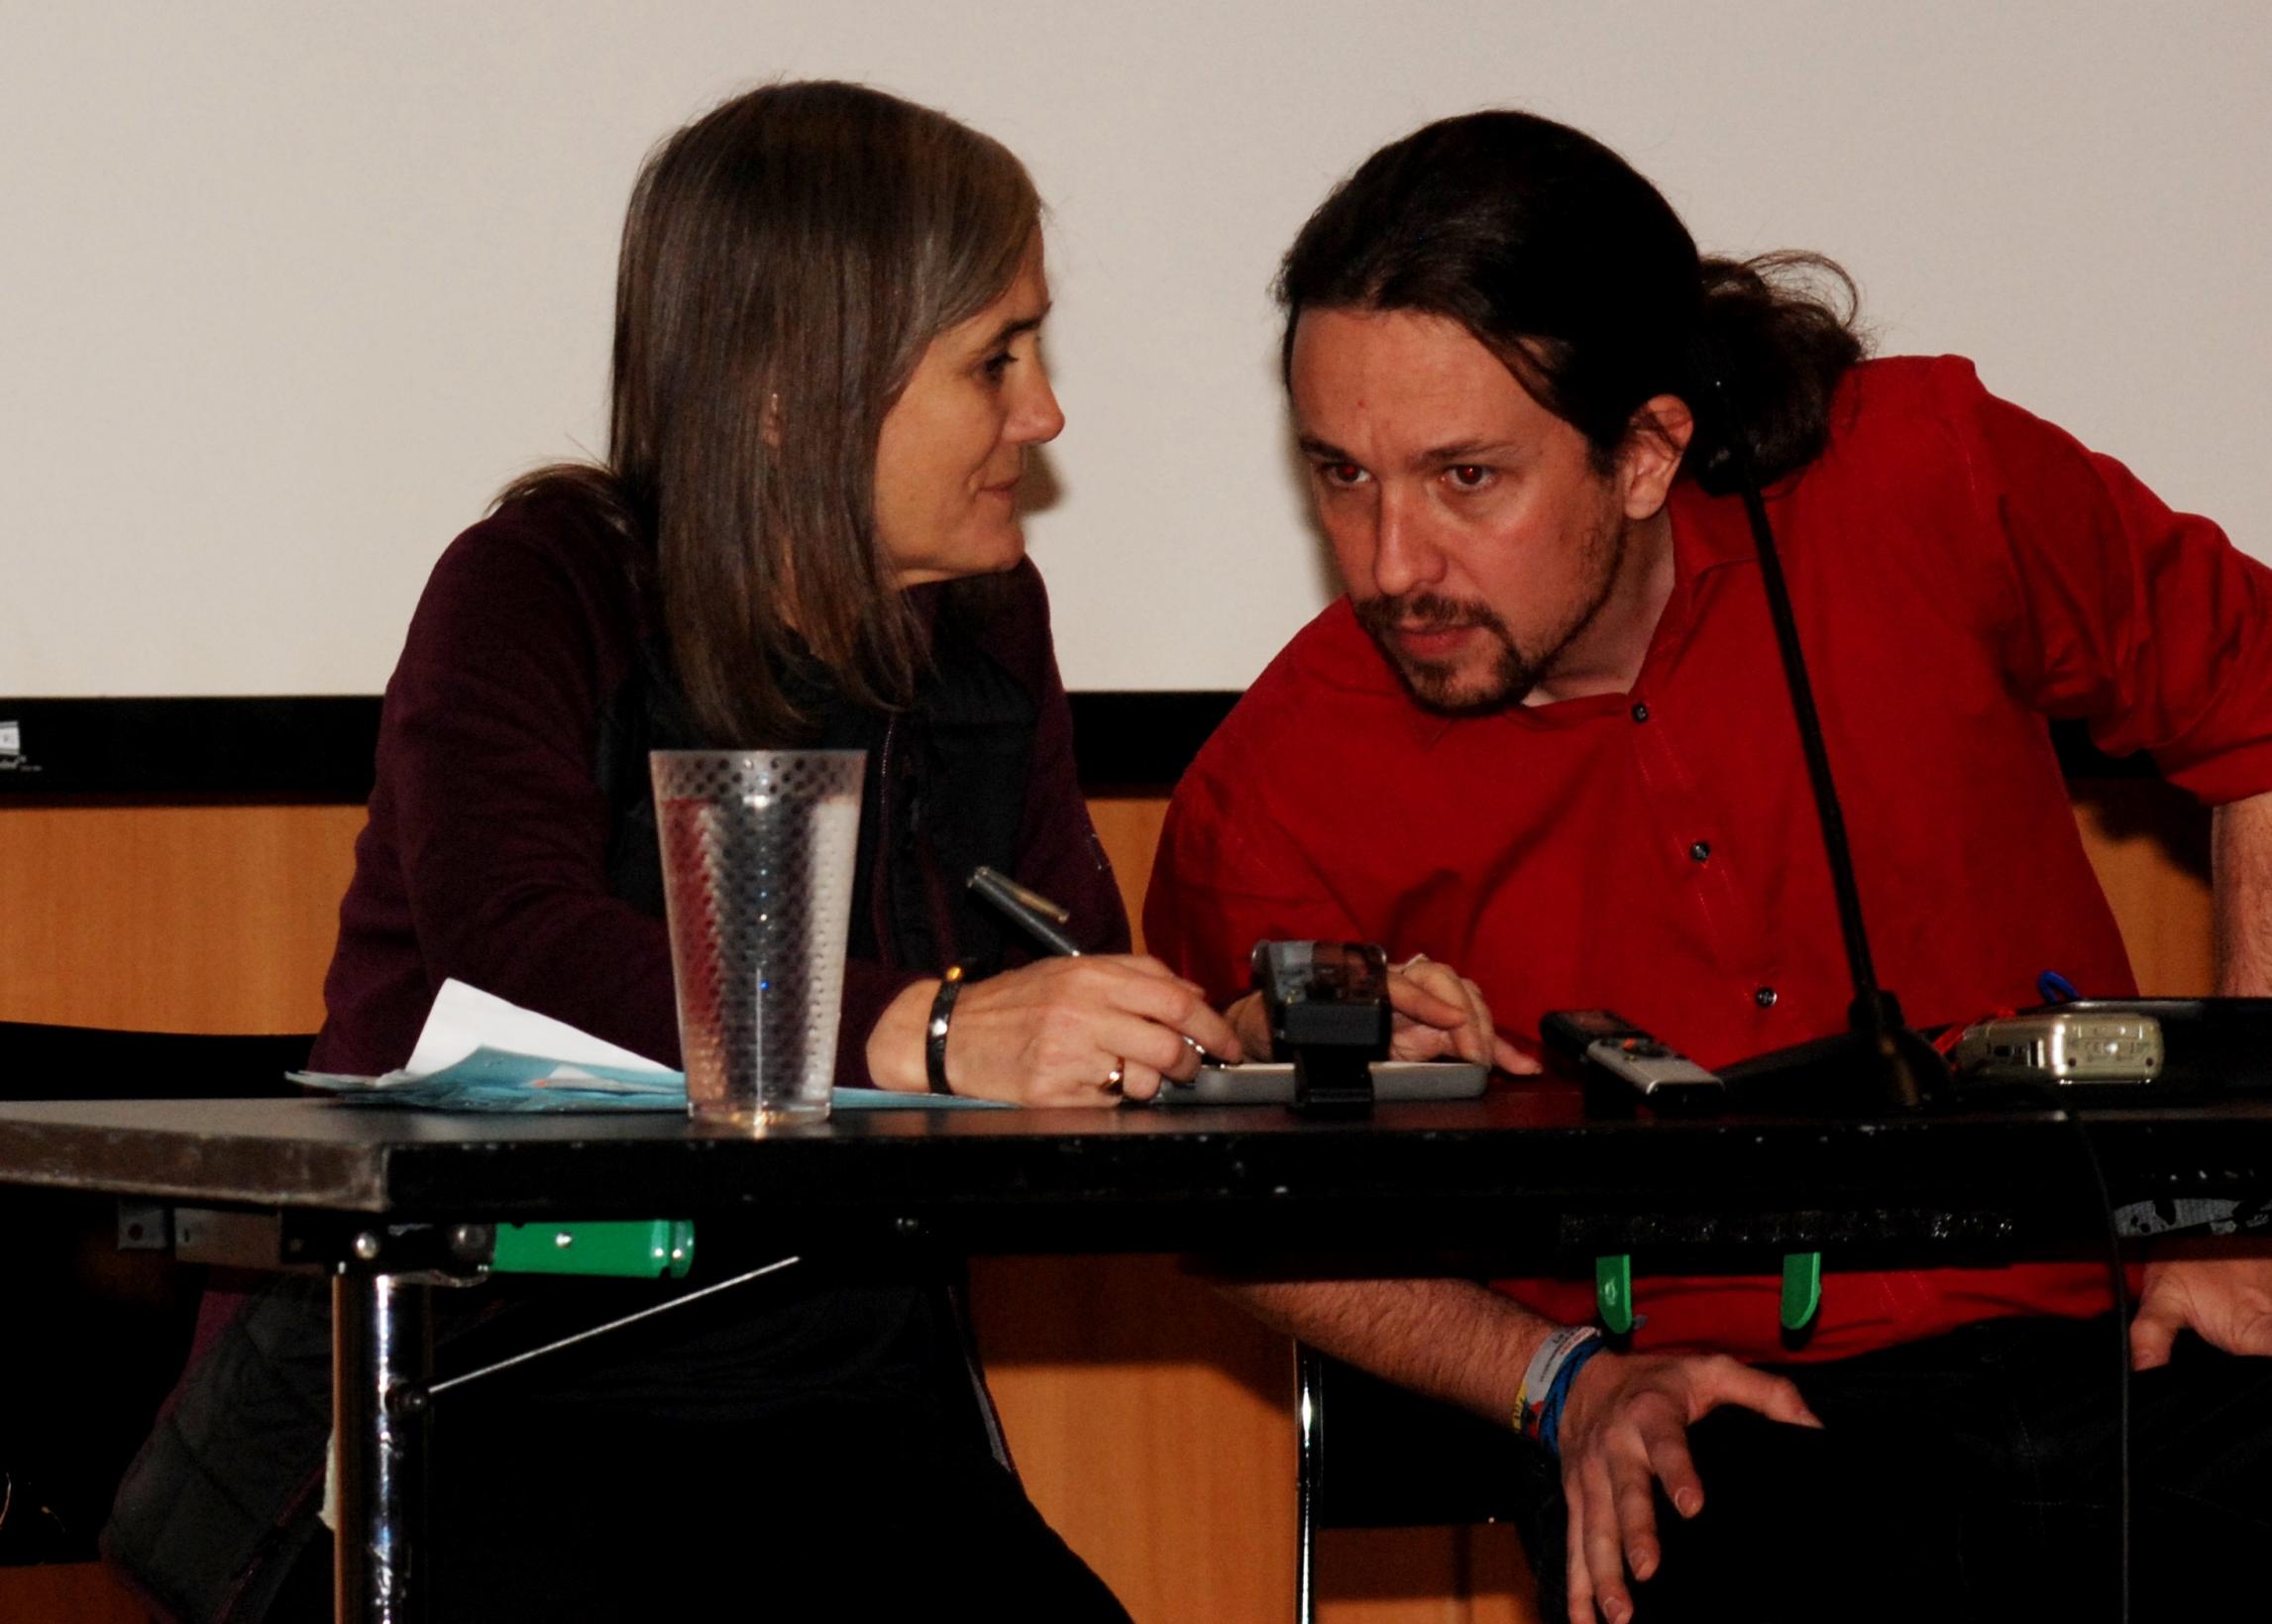 Pablo Iglesias speaks with Amy Goodman of Democracy Now! Photo Len Tsou.